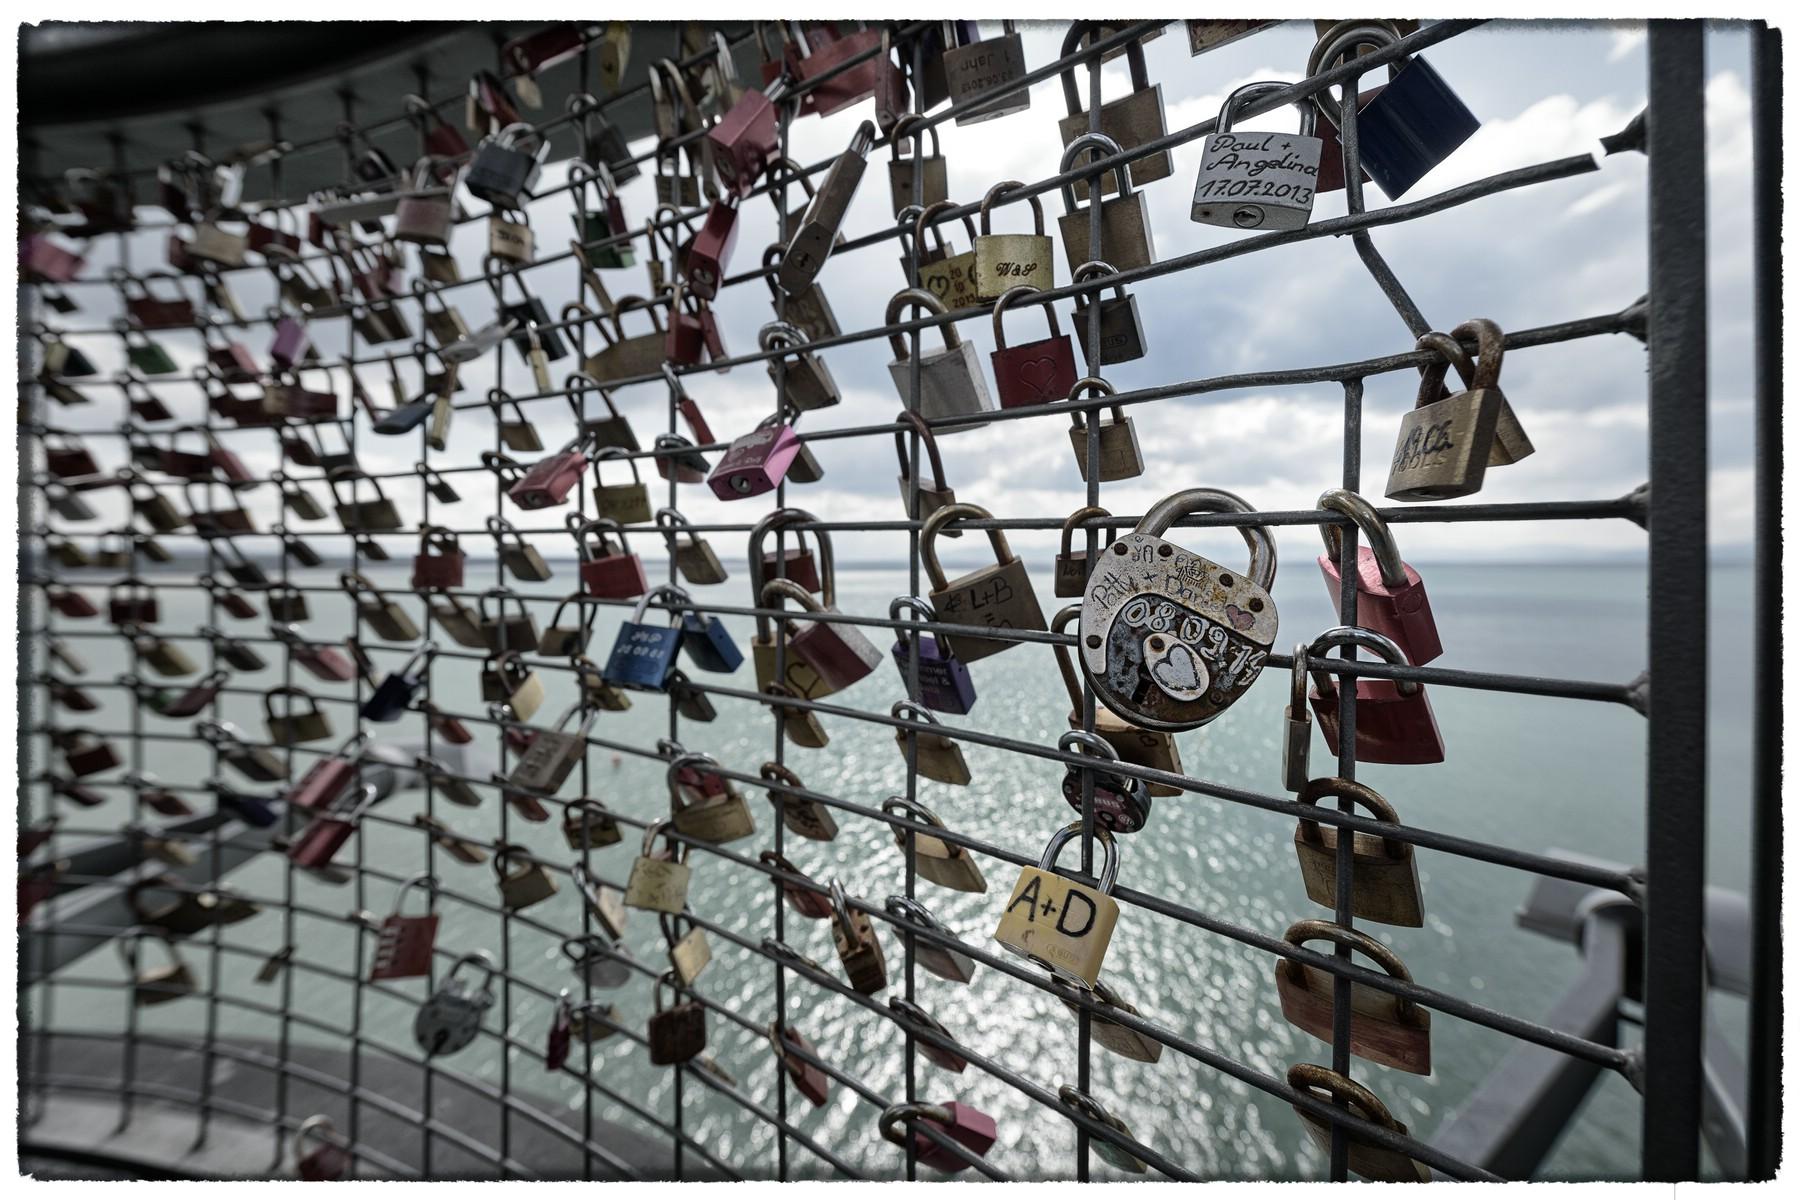 Liebes-Schlösser / Love Locks